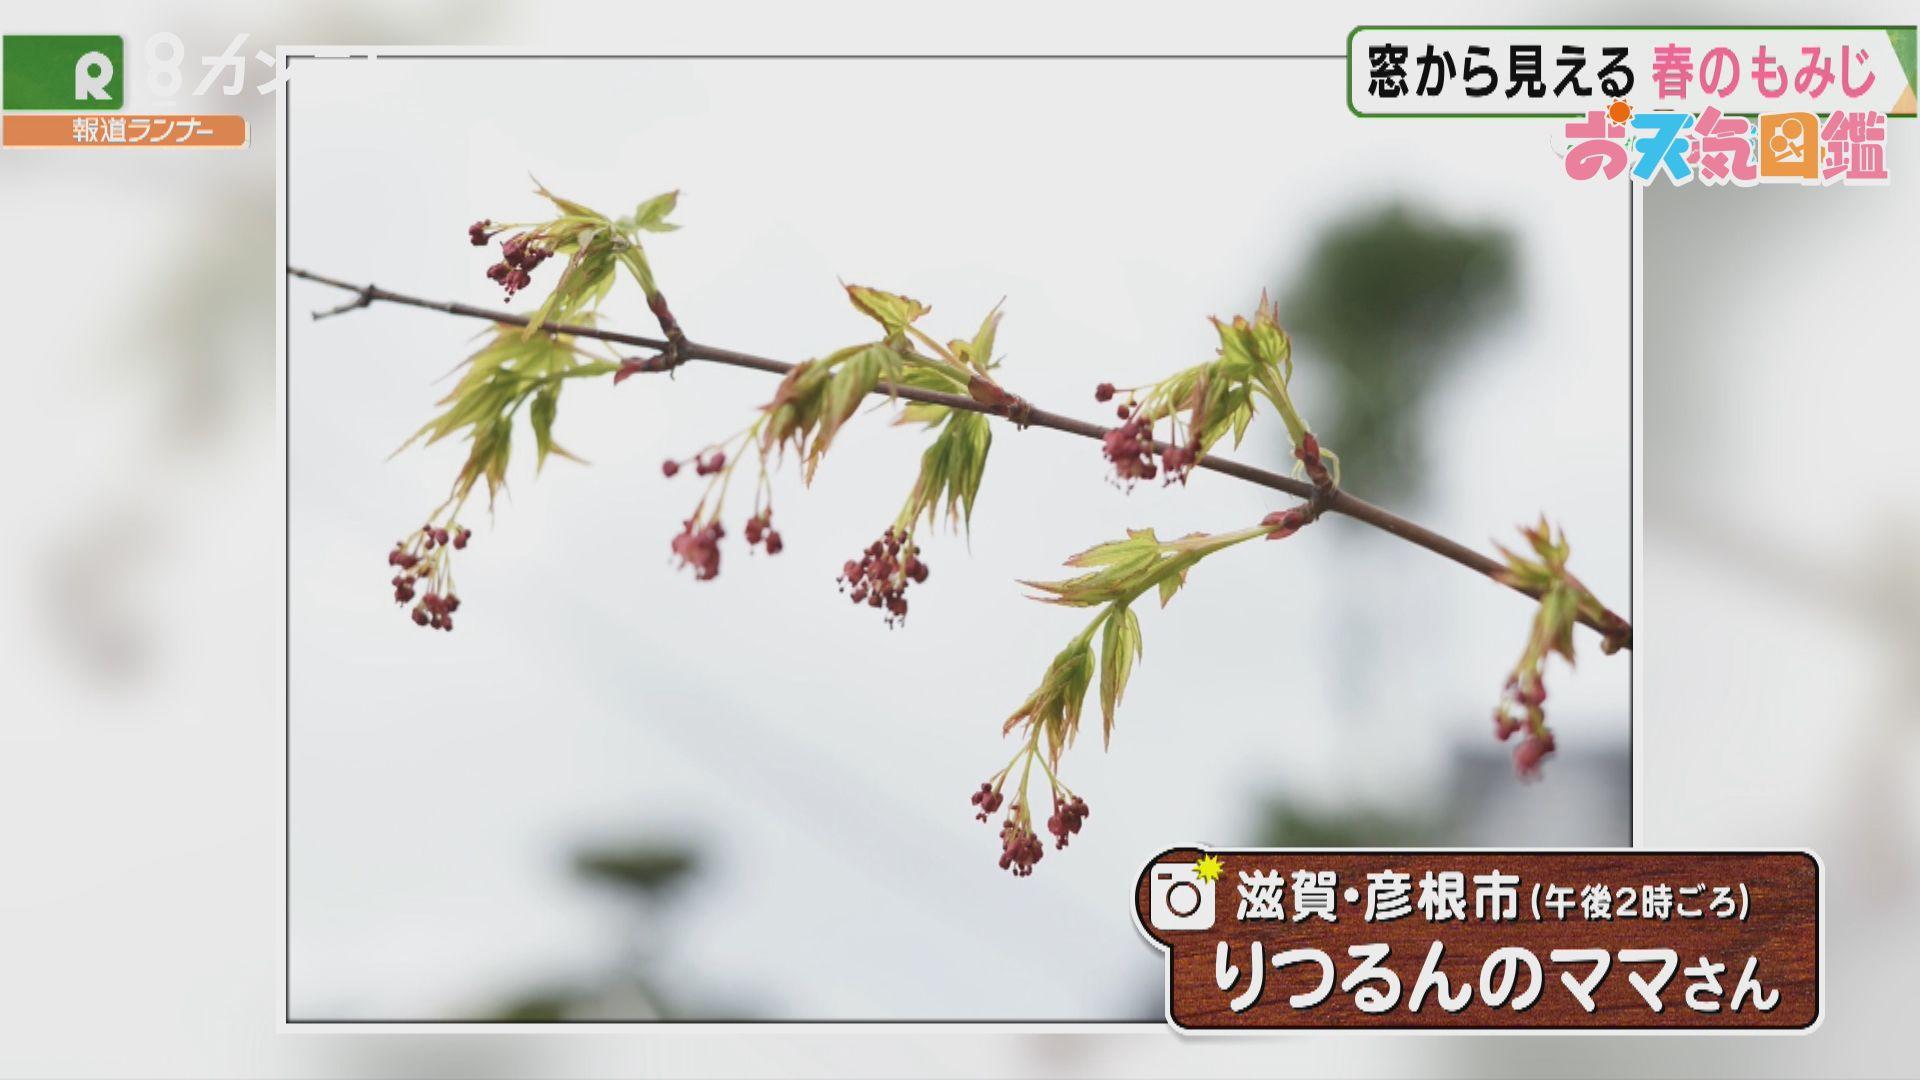 「紅葉の花」(滋賀県・彦根市)